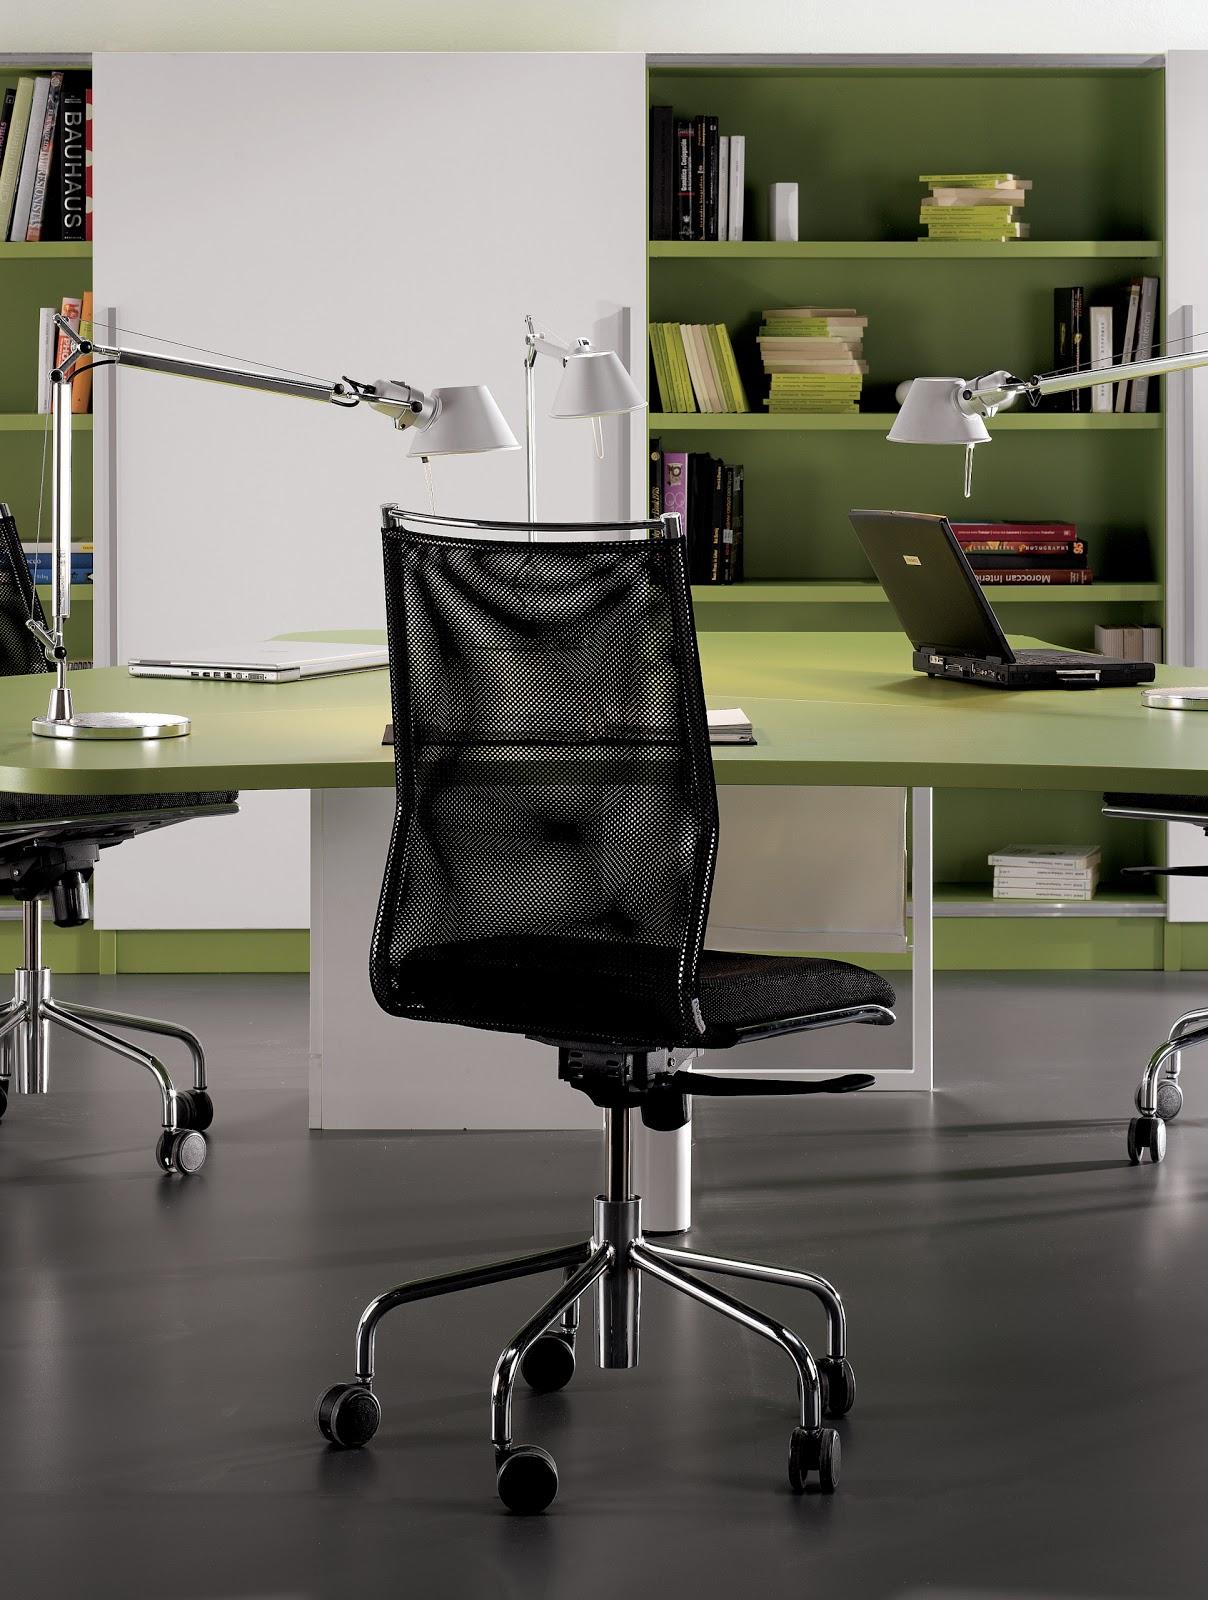 Sofas i mobiliari a mida a barcelona decolevel com - Cadires oficina ...